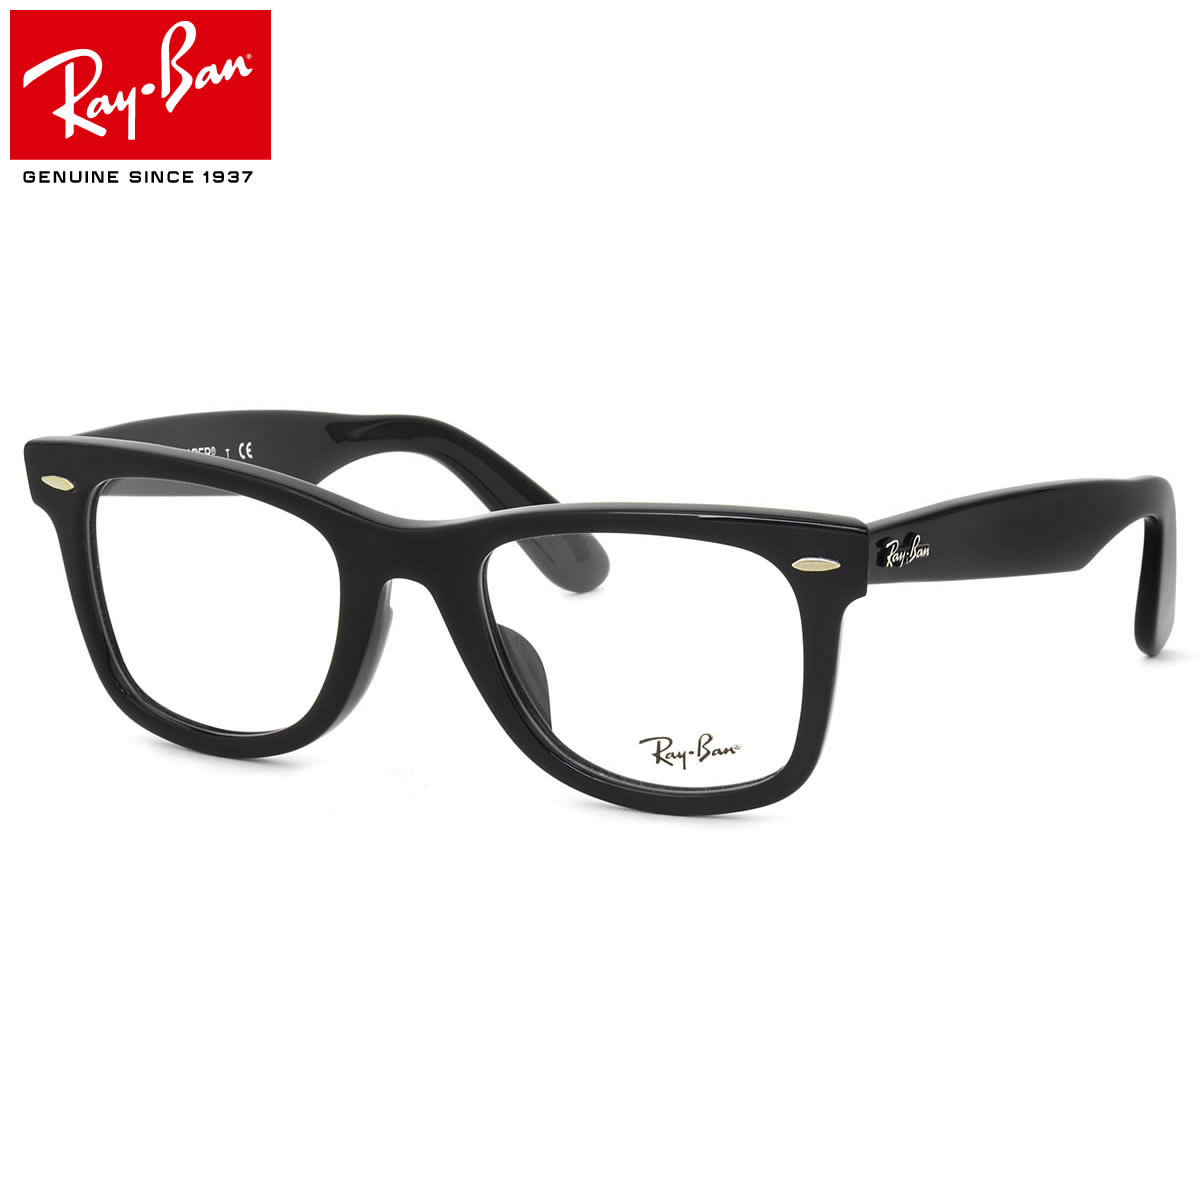 ほぼ全品ポイント15倍~最大34倍! レイバン ウェイファーラー メガネ フレーム Ray-Ban RX5121F 2000 50サイズ フルフィット ウェリントン レイバン RAYBAN WAYFARER メンズ レディース